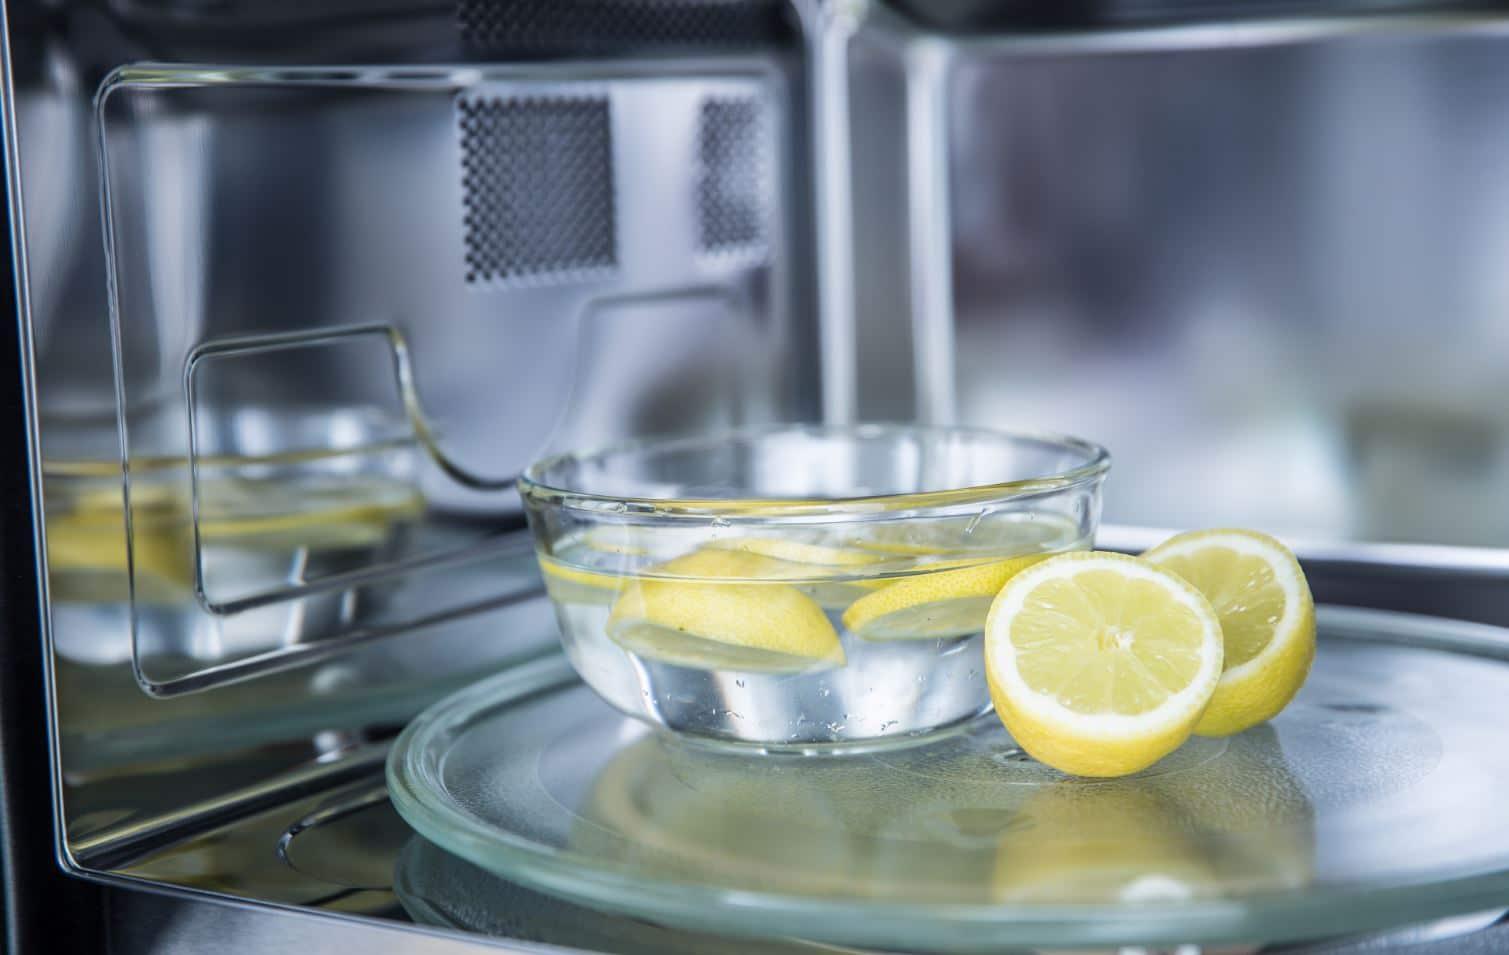 Comment Nettoyer Le Four nettoyer un four micro-onde avec du citron : comment faire ?